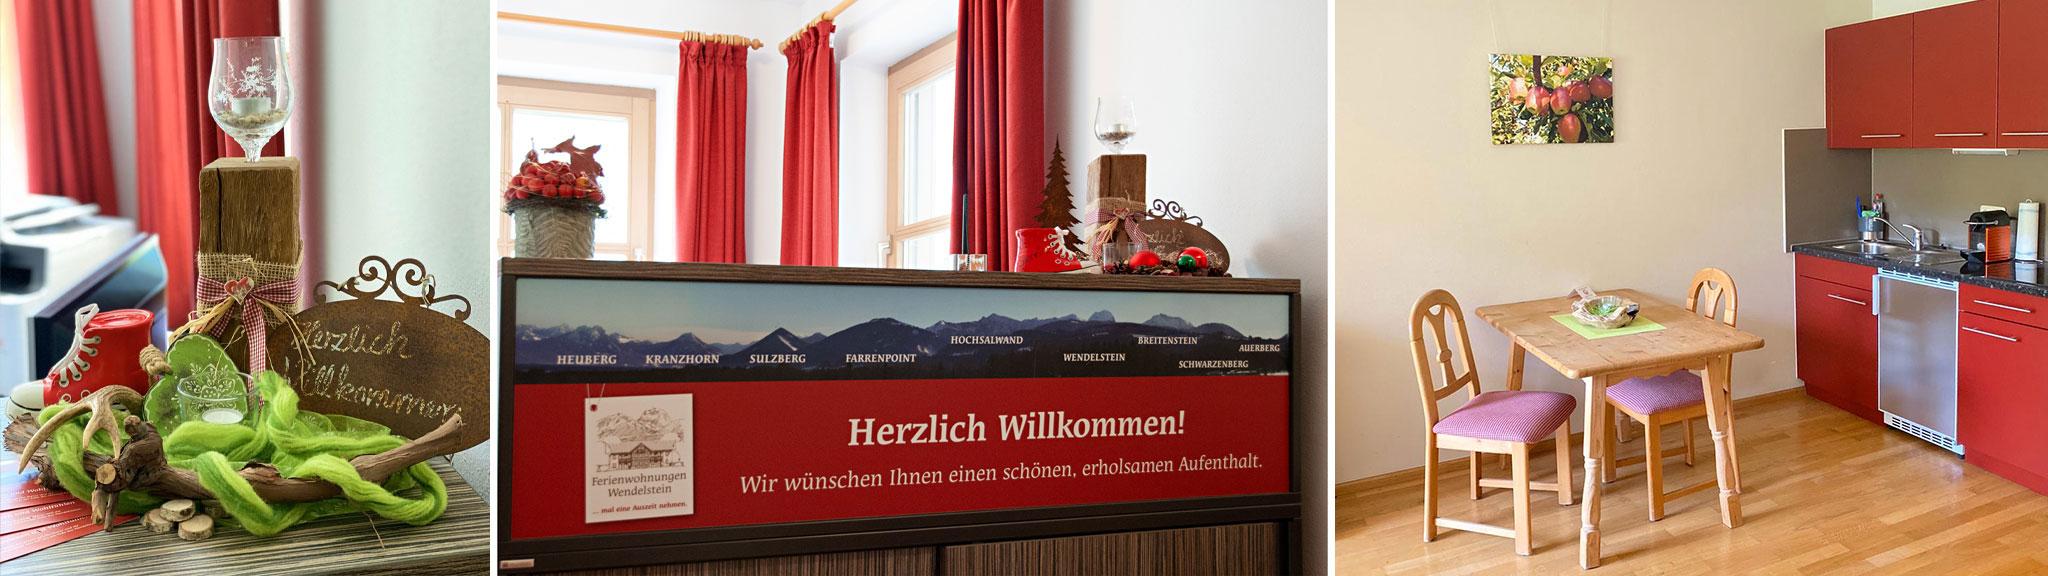 Rezeptionsbereich Ferienwohungen Wendelstein